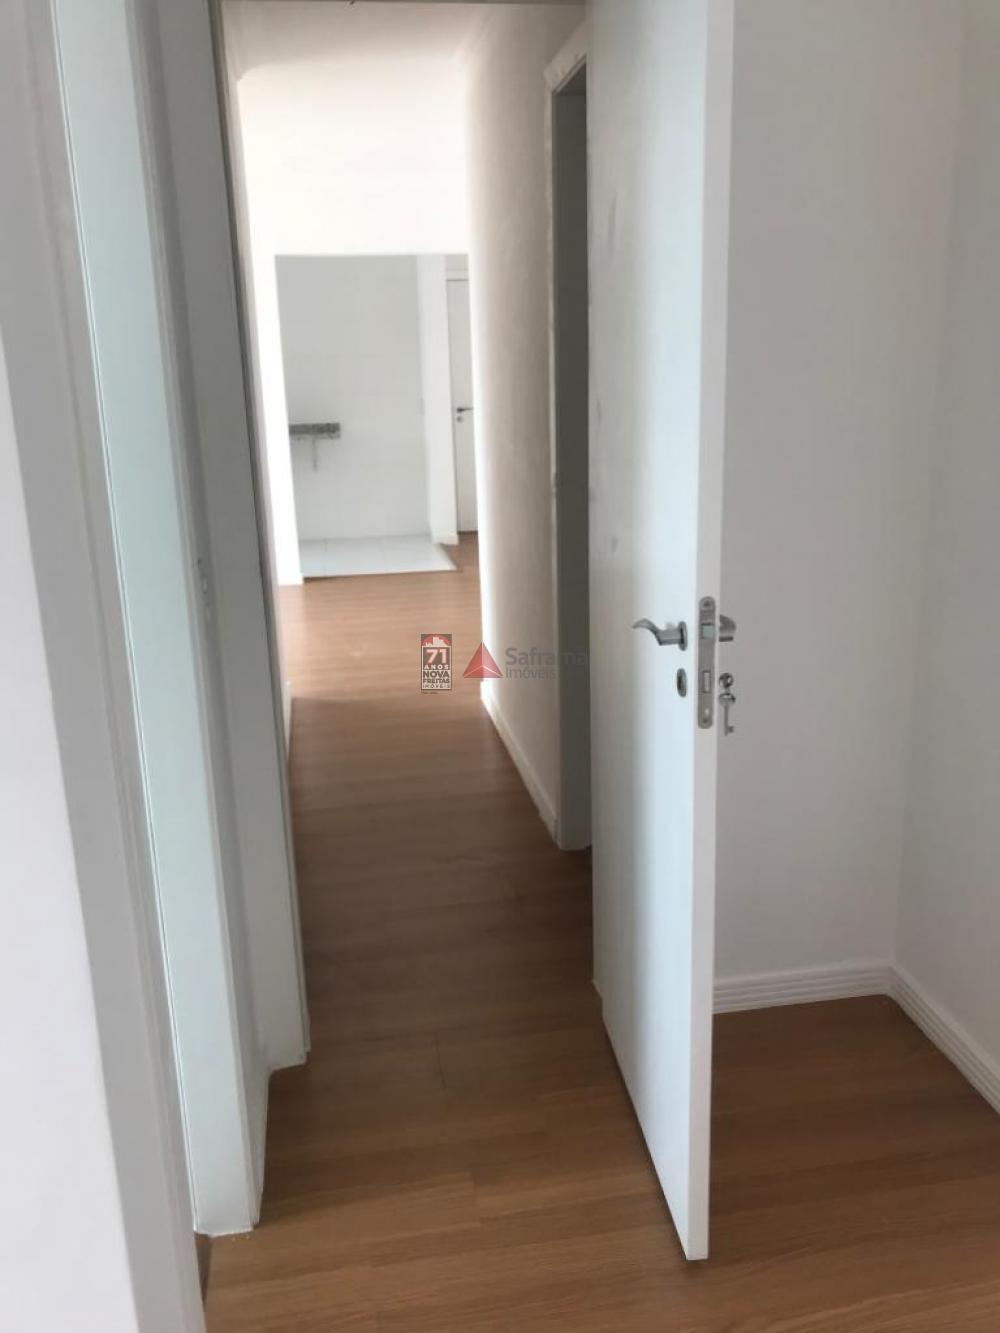 Comprar Apartamento / Padrão em São José dos Campos apenas R$ 315.000,00 - Foto 14